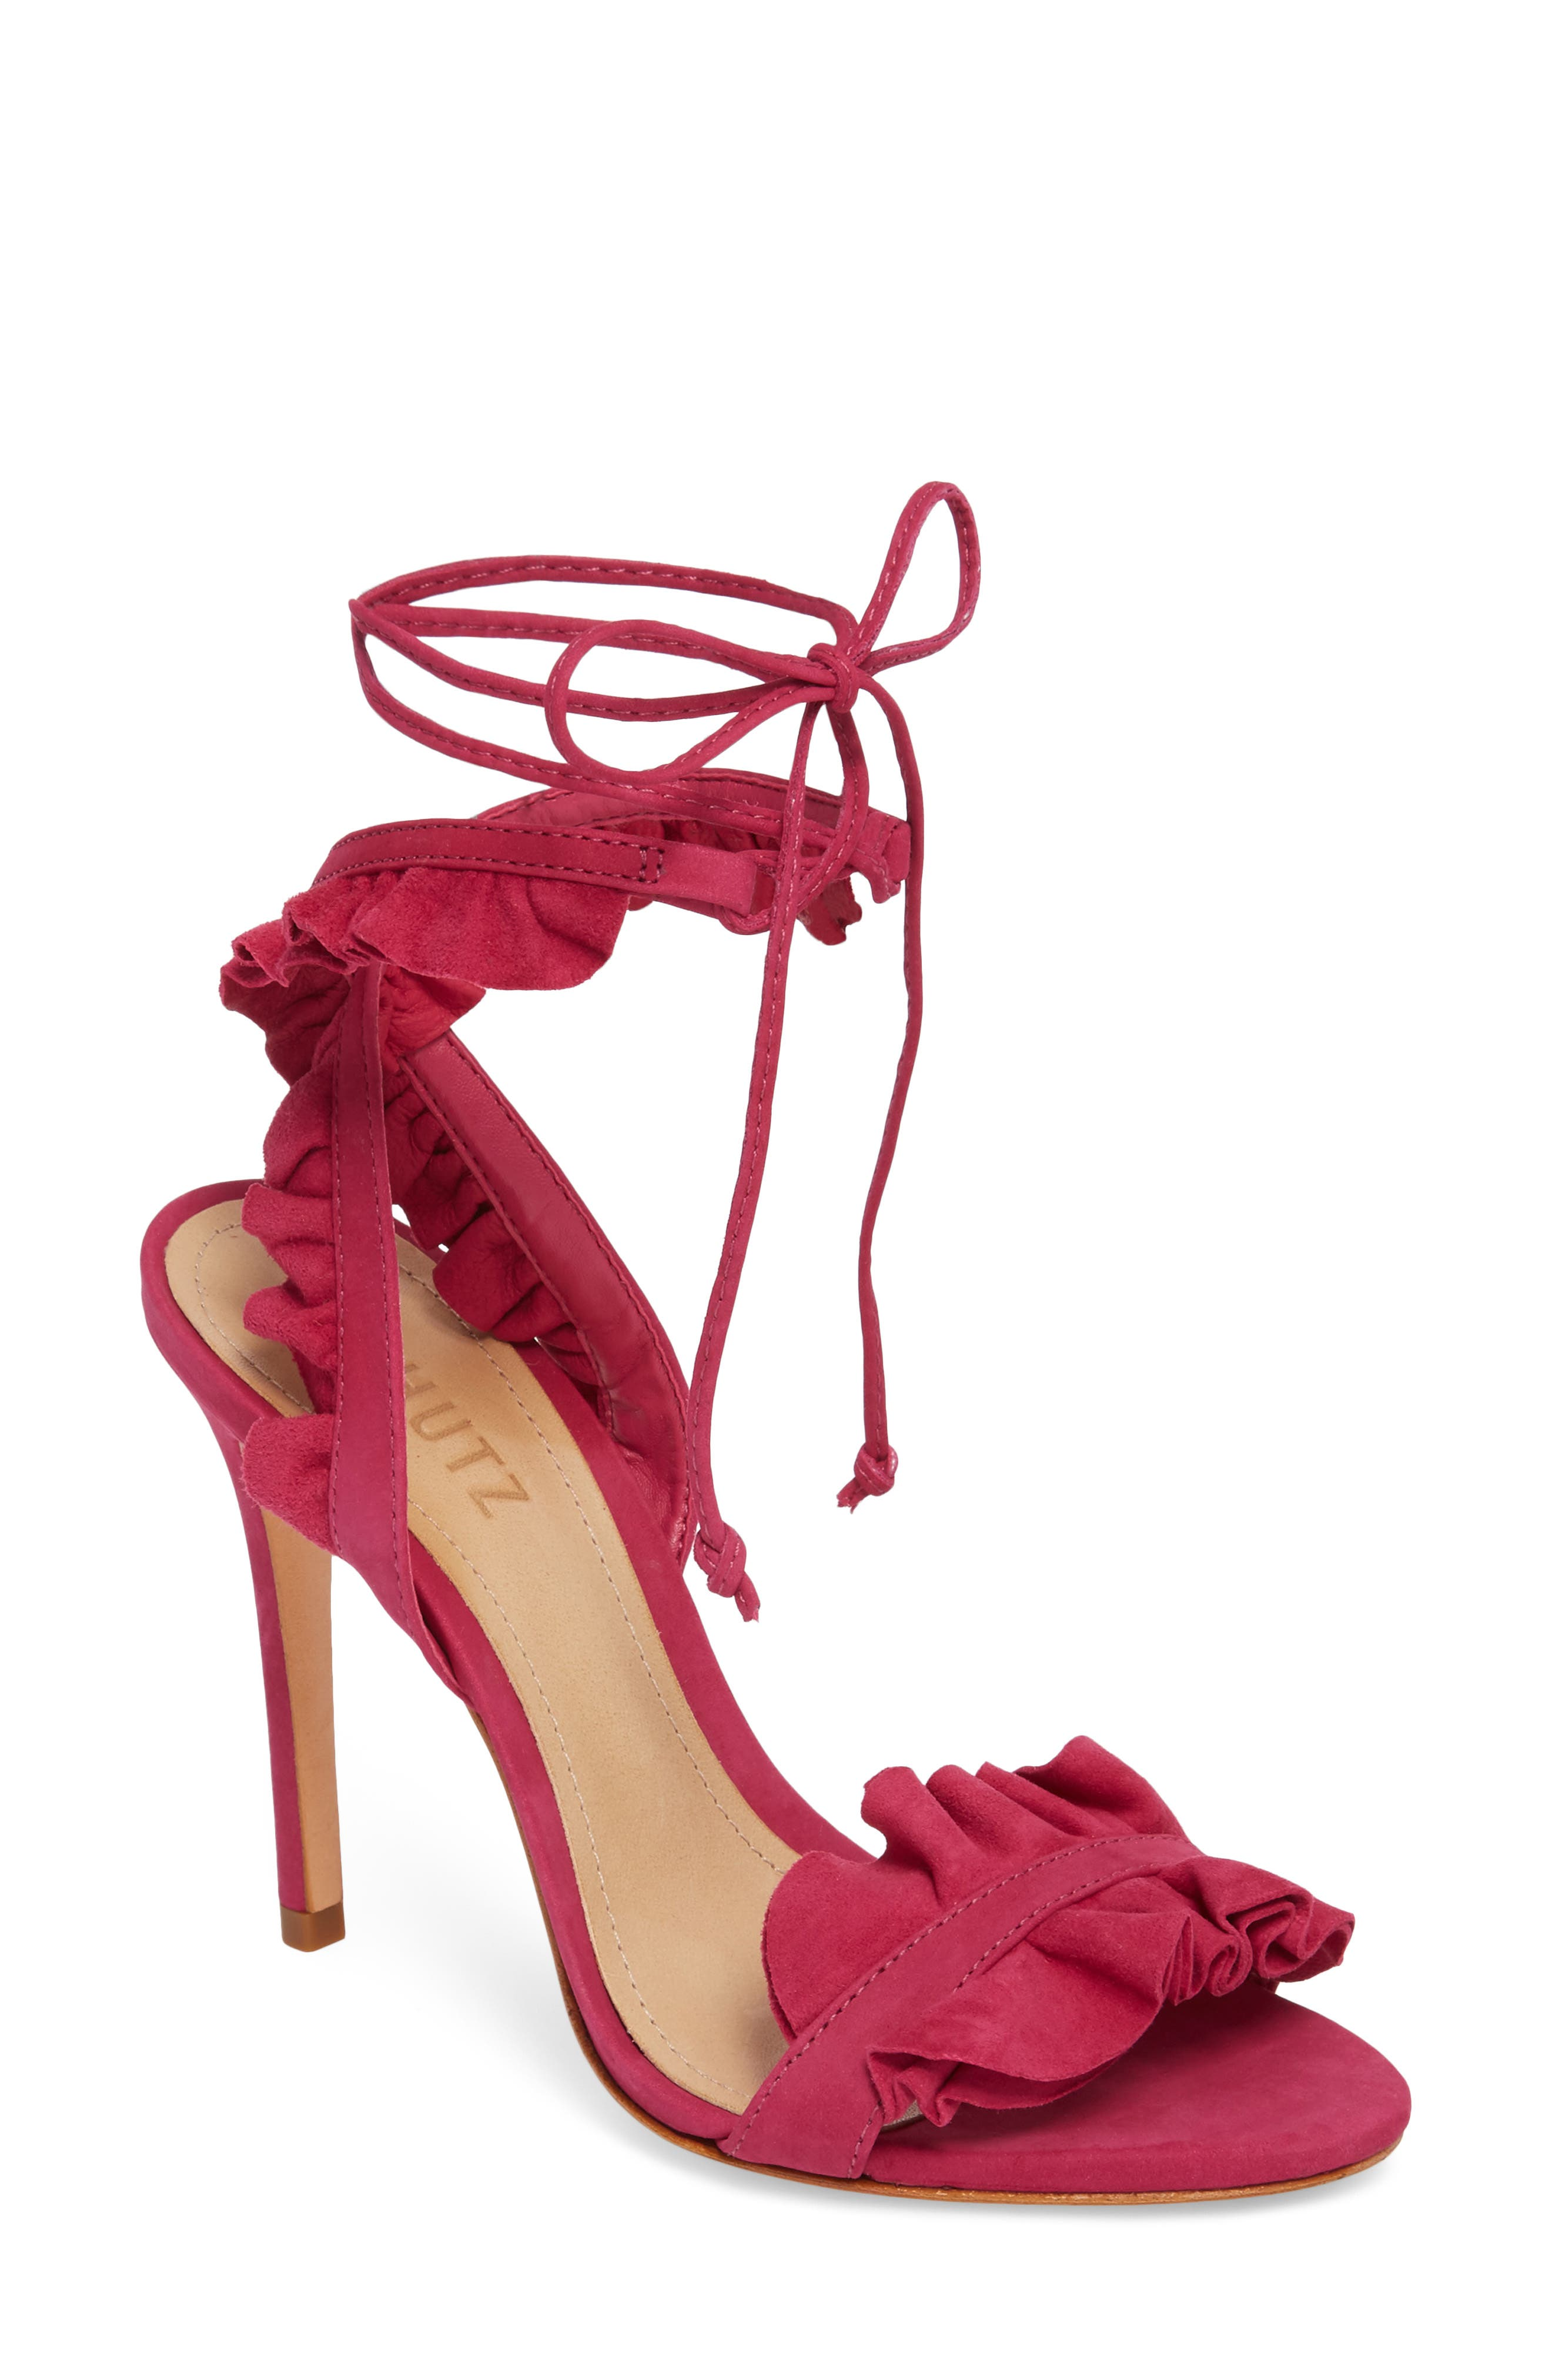 Irem Lace-UP Sandal,                             Main thumbnail 1, color,                             651